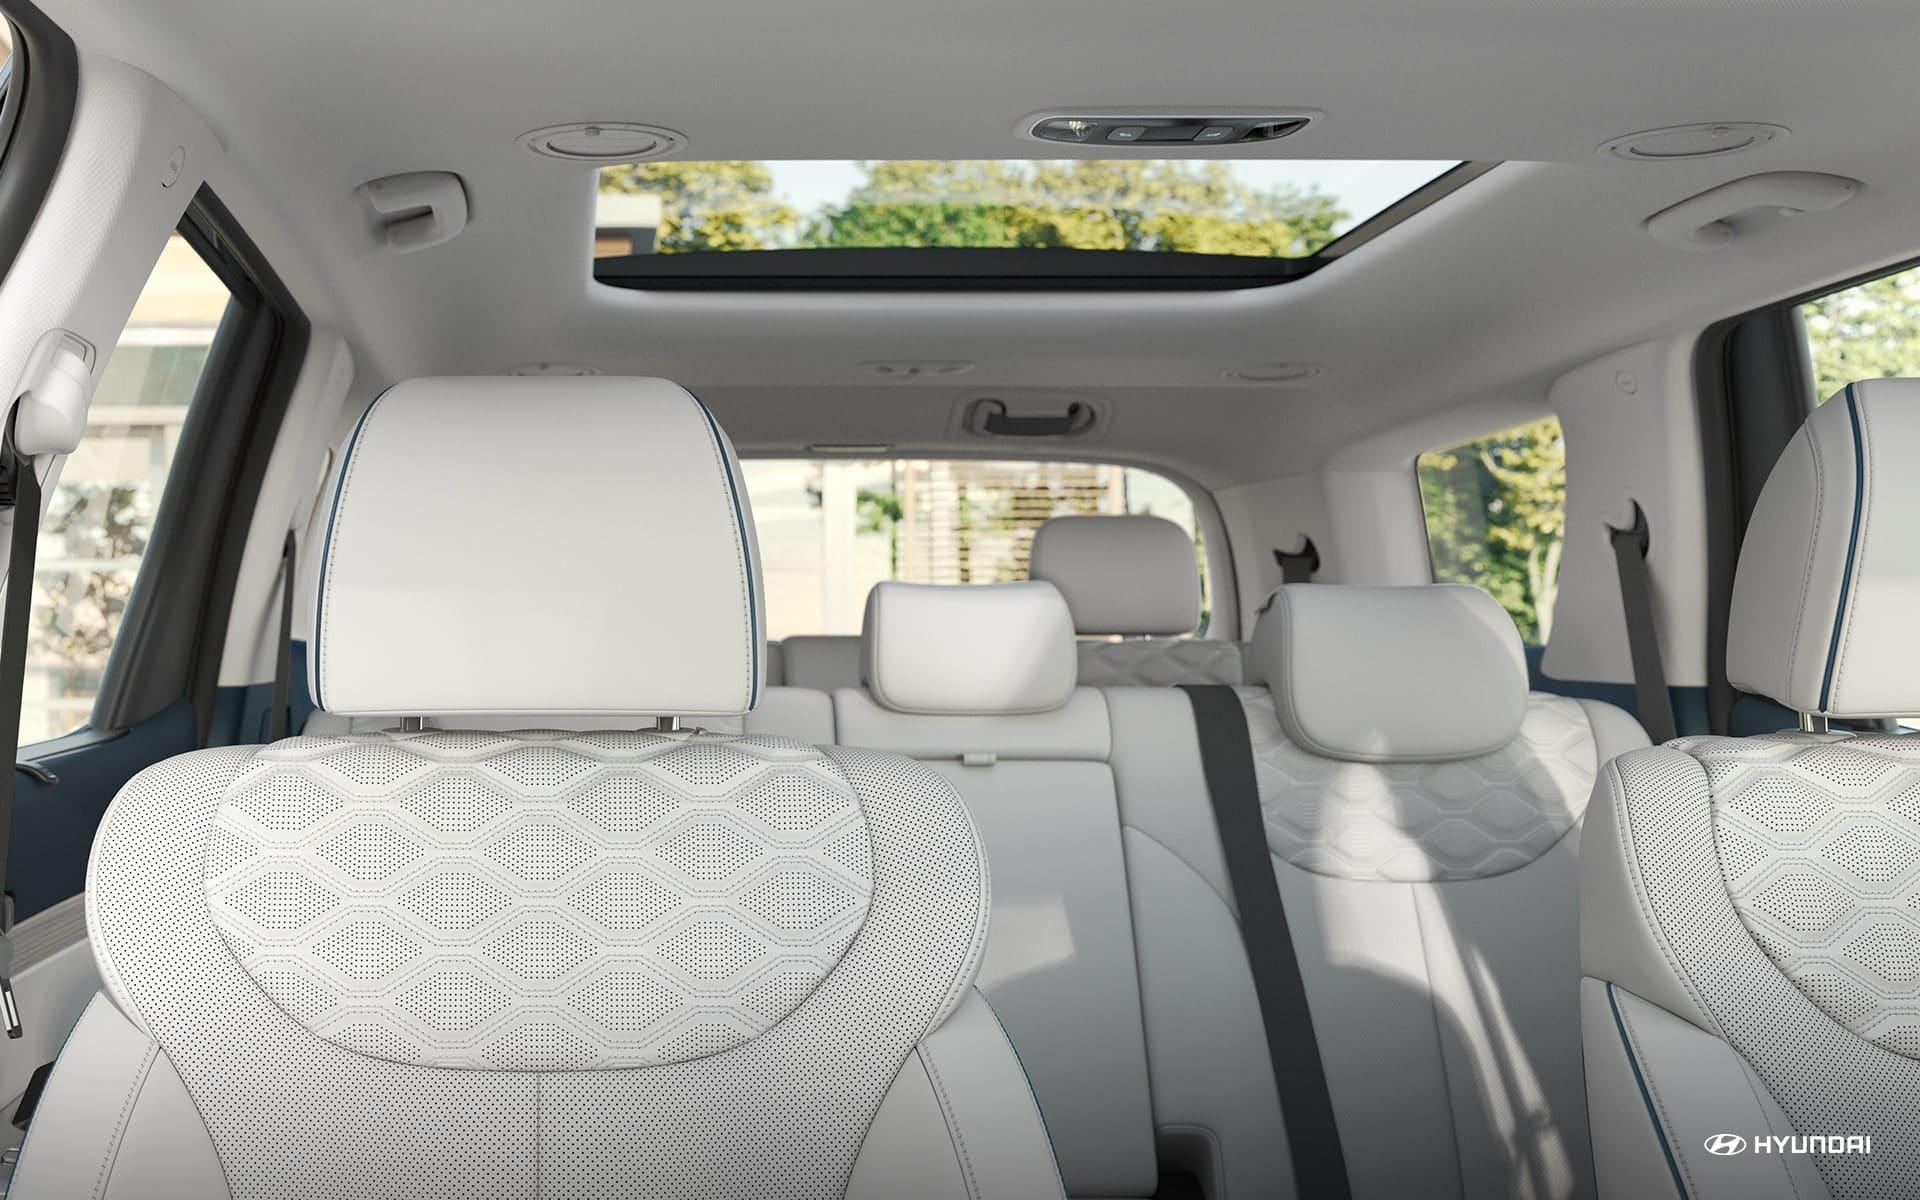 Hyundai Palisade Interior Seats